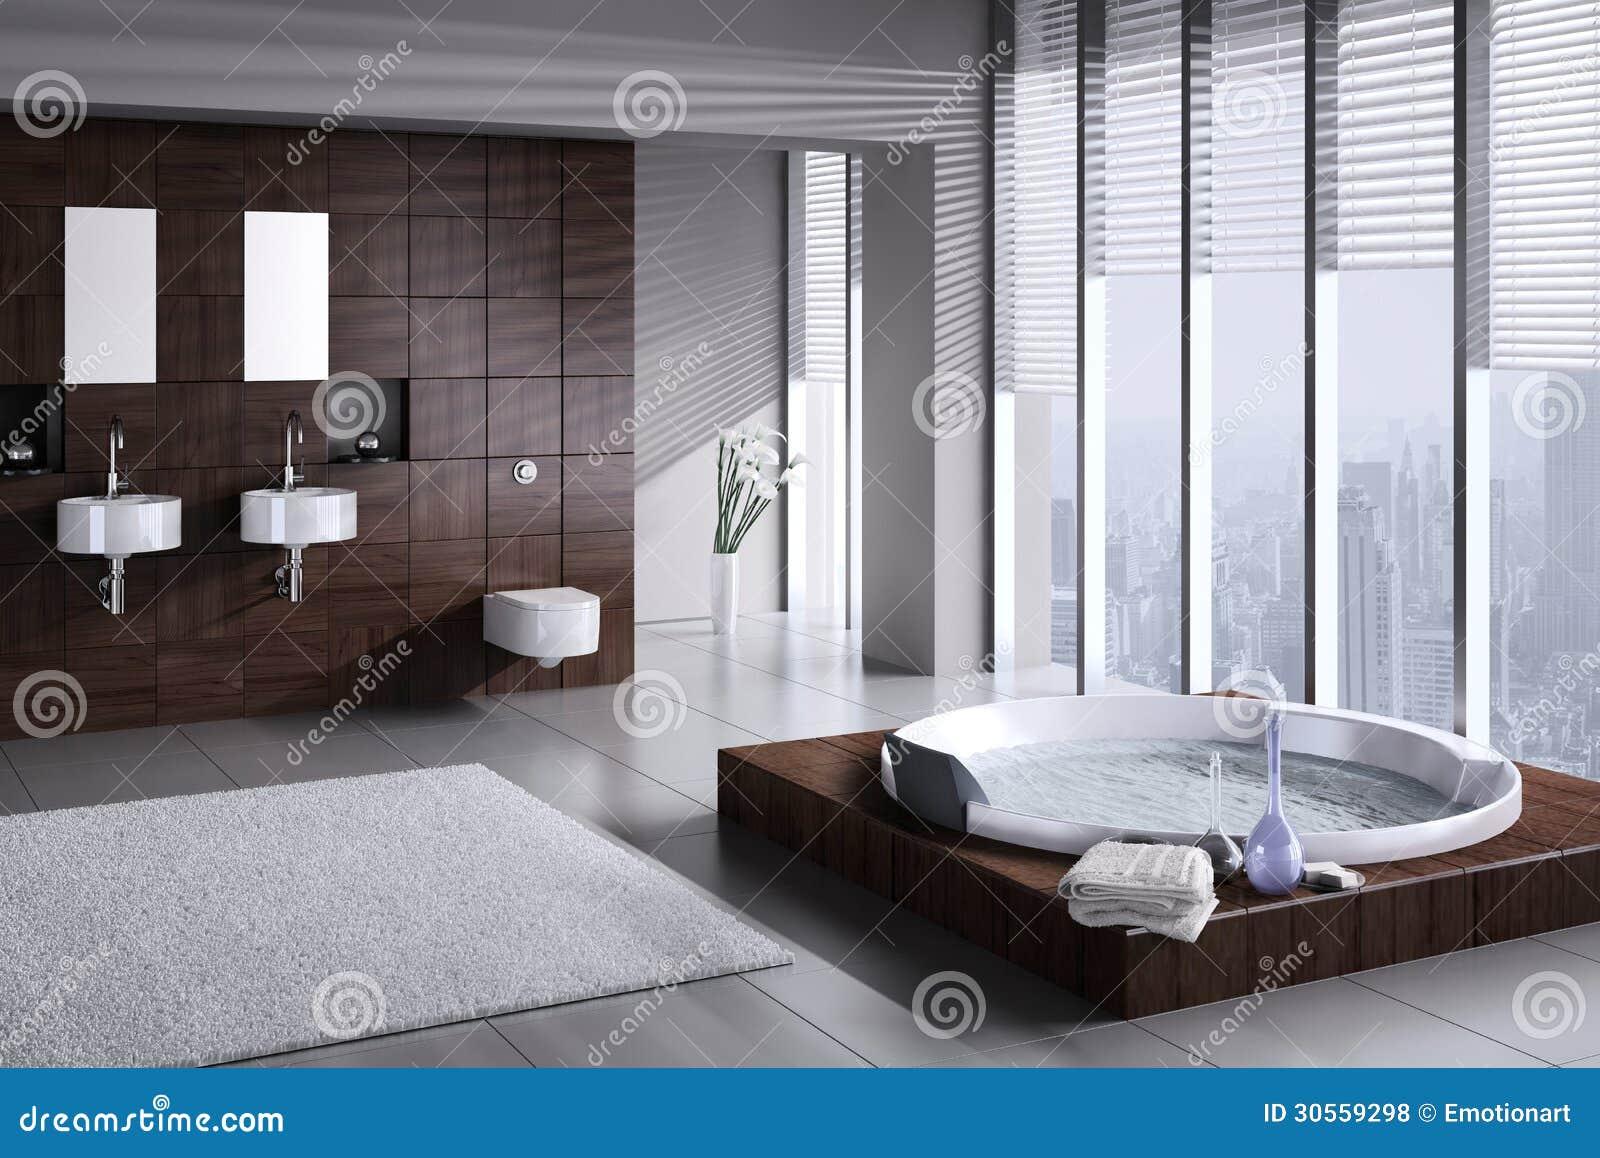 Cuarto de ba o moderno con el lavabo y el jacuzzi dobles for Jacuzzi interior precios